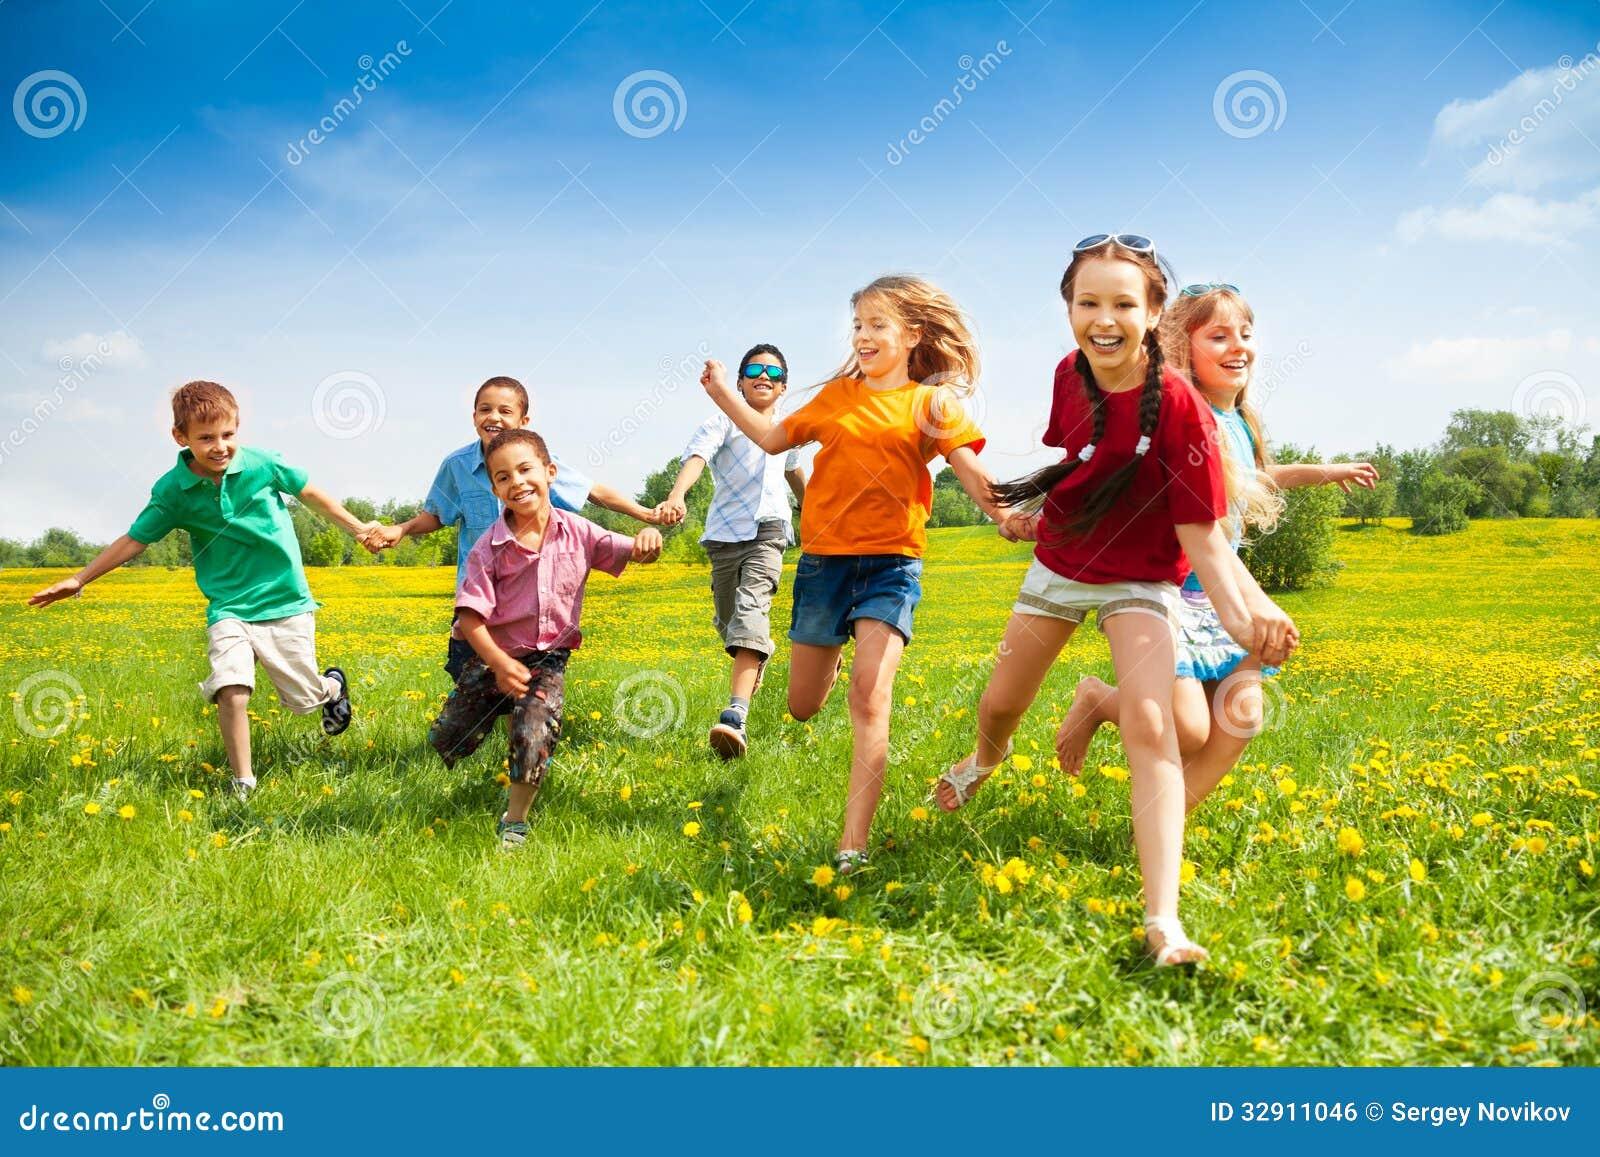 Gruppe glückliche laufende Kinder